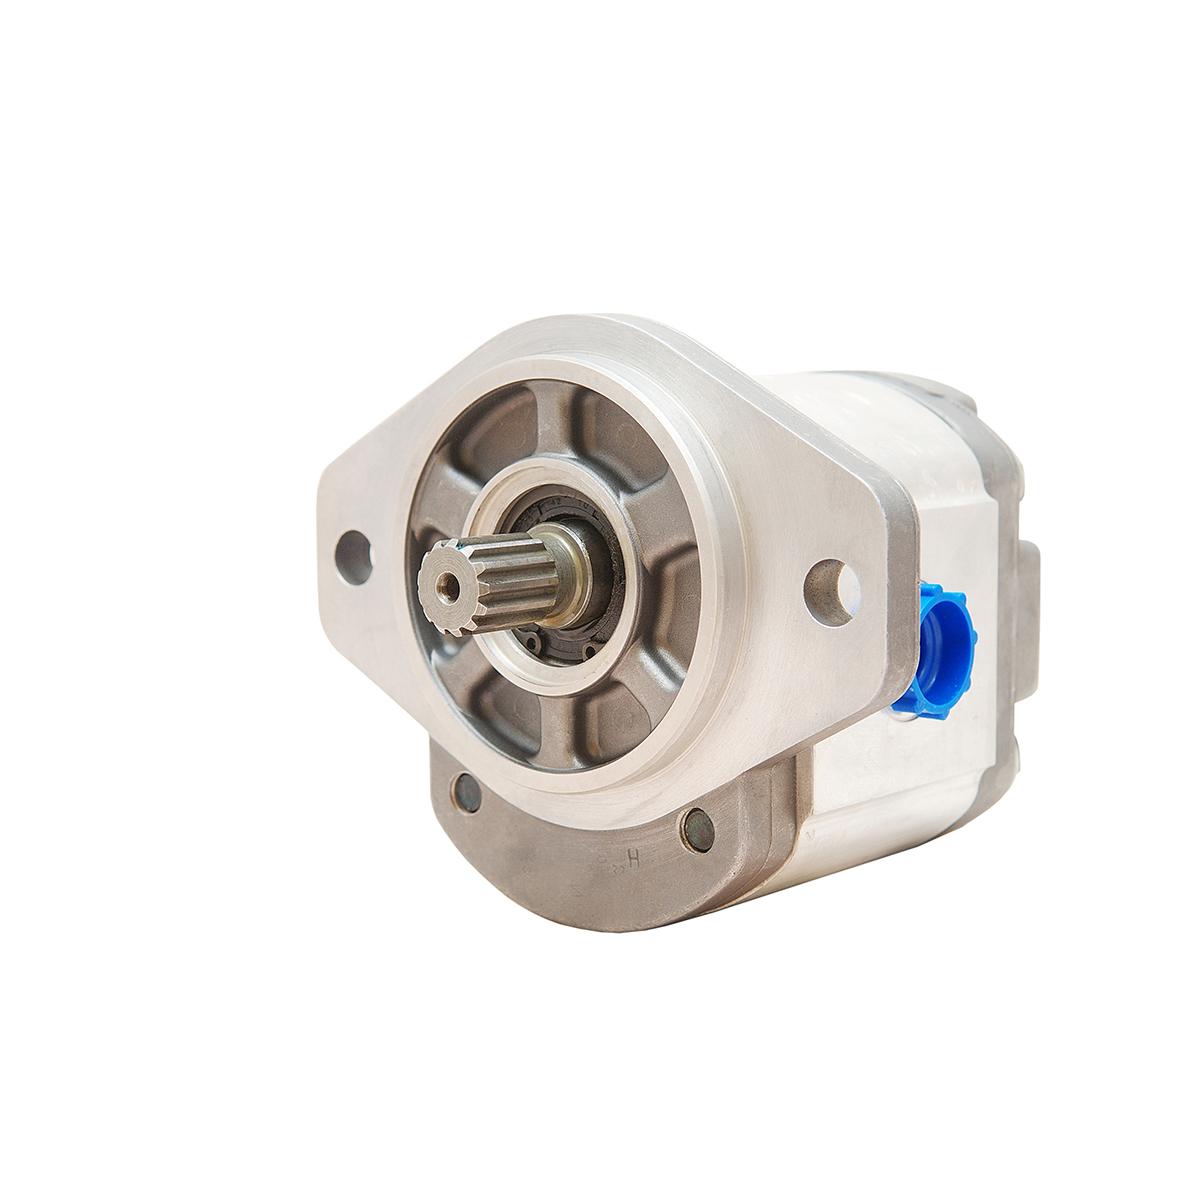 1.70 CID hydraulic gear pump, 9 tooth spline shaft counter-clockwise gear pump | Magister Hydraulics